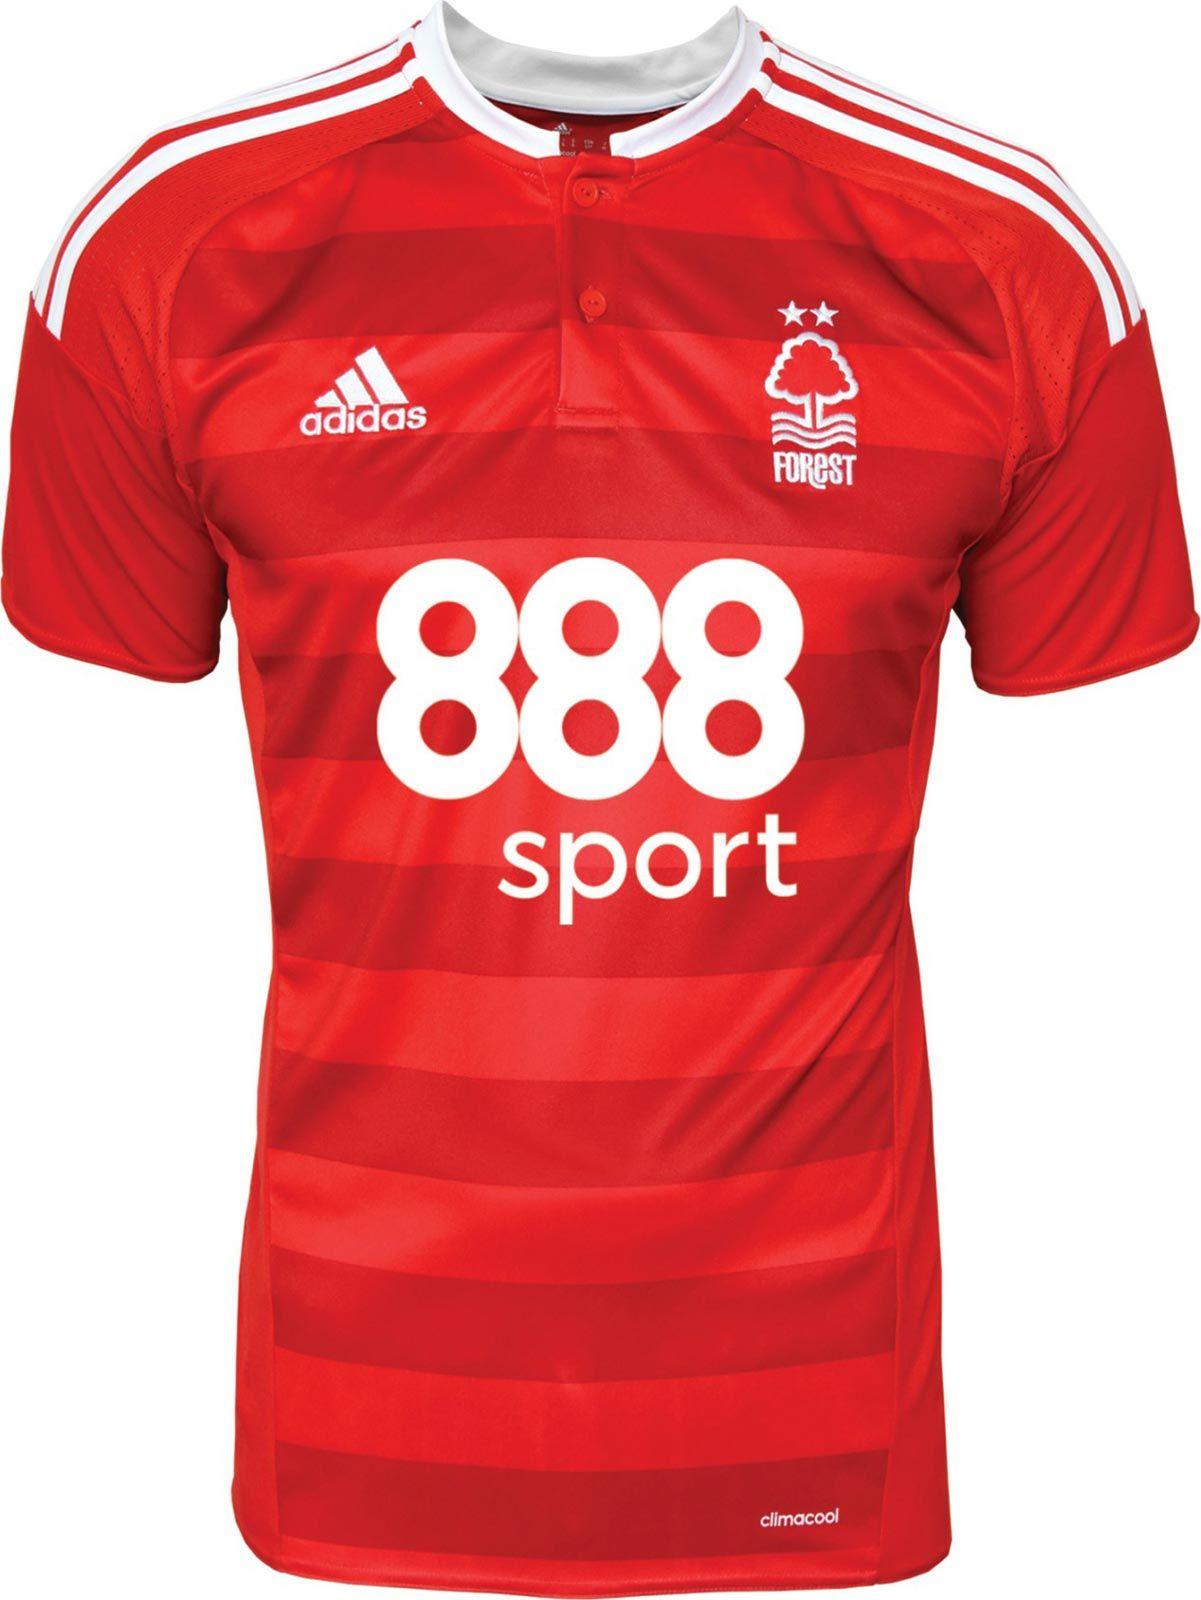 Nottingham Forest home kit 2016 17  1bb638bdf37